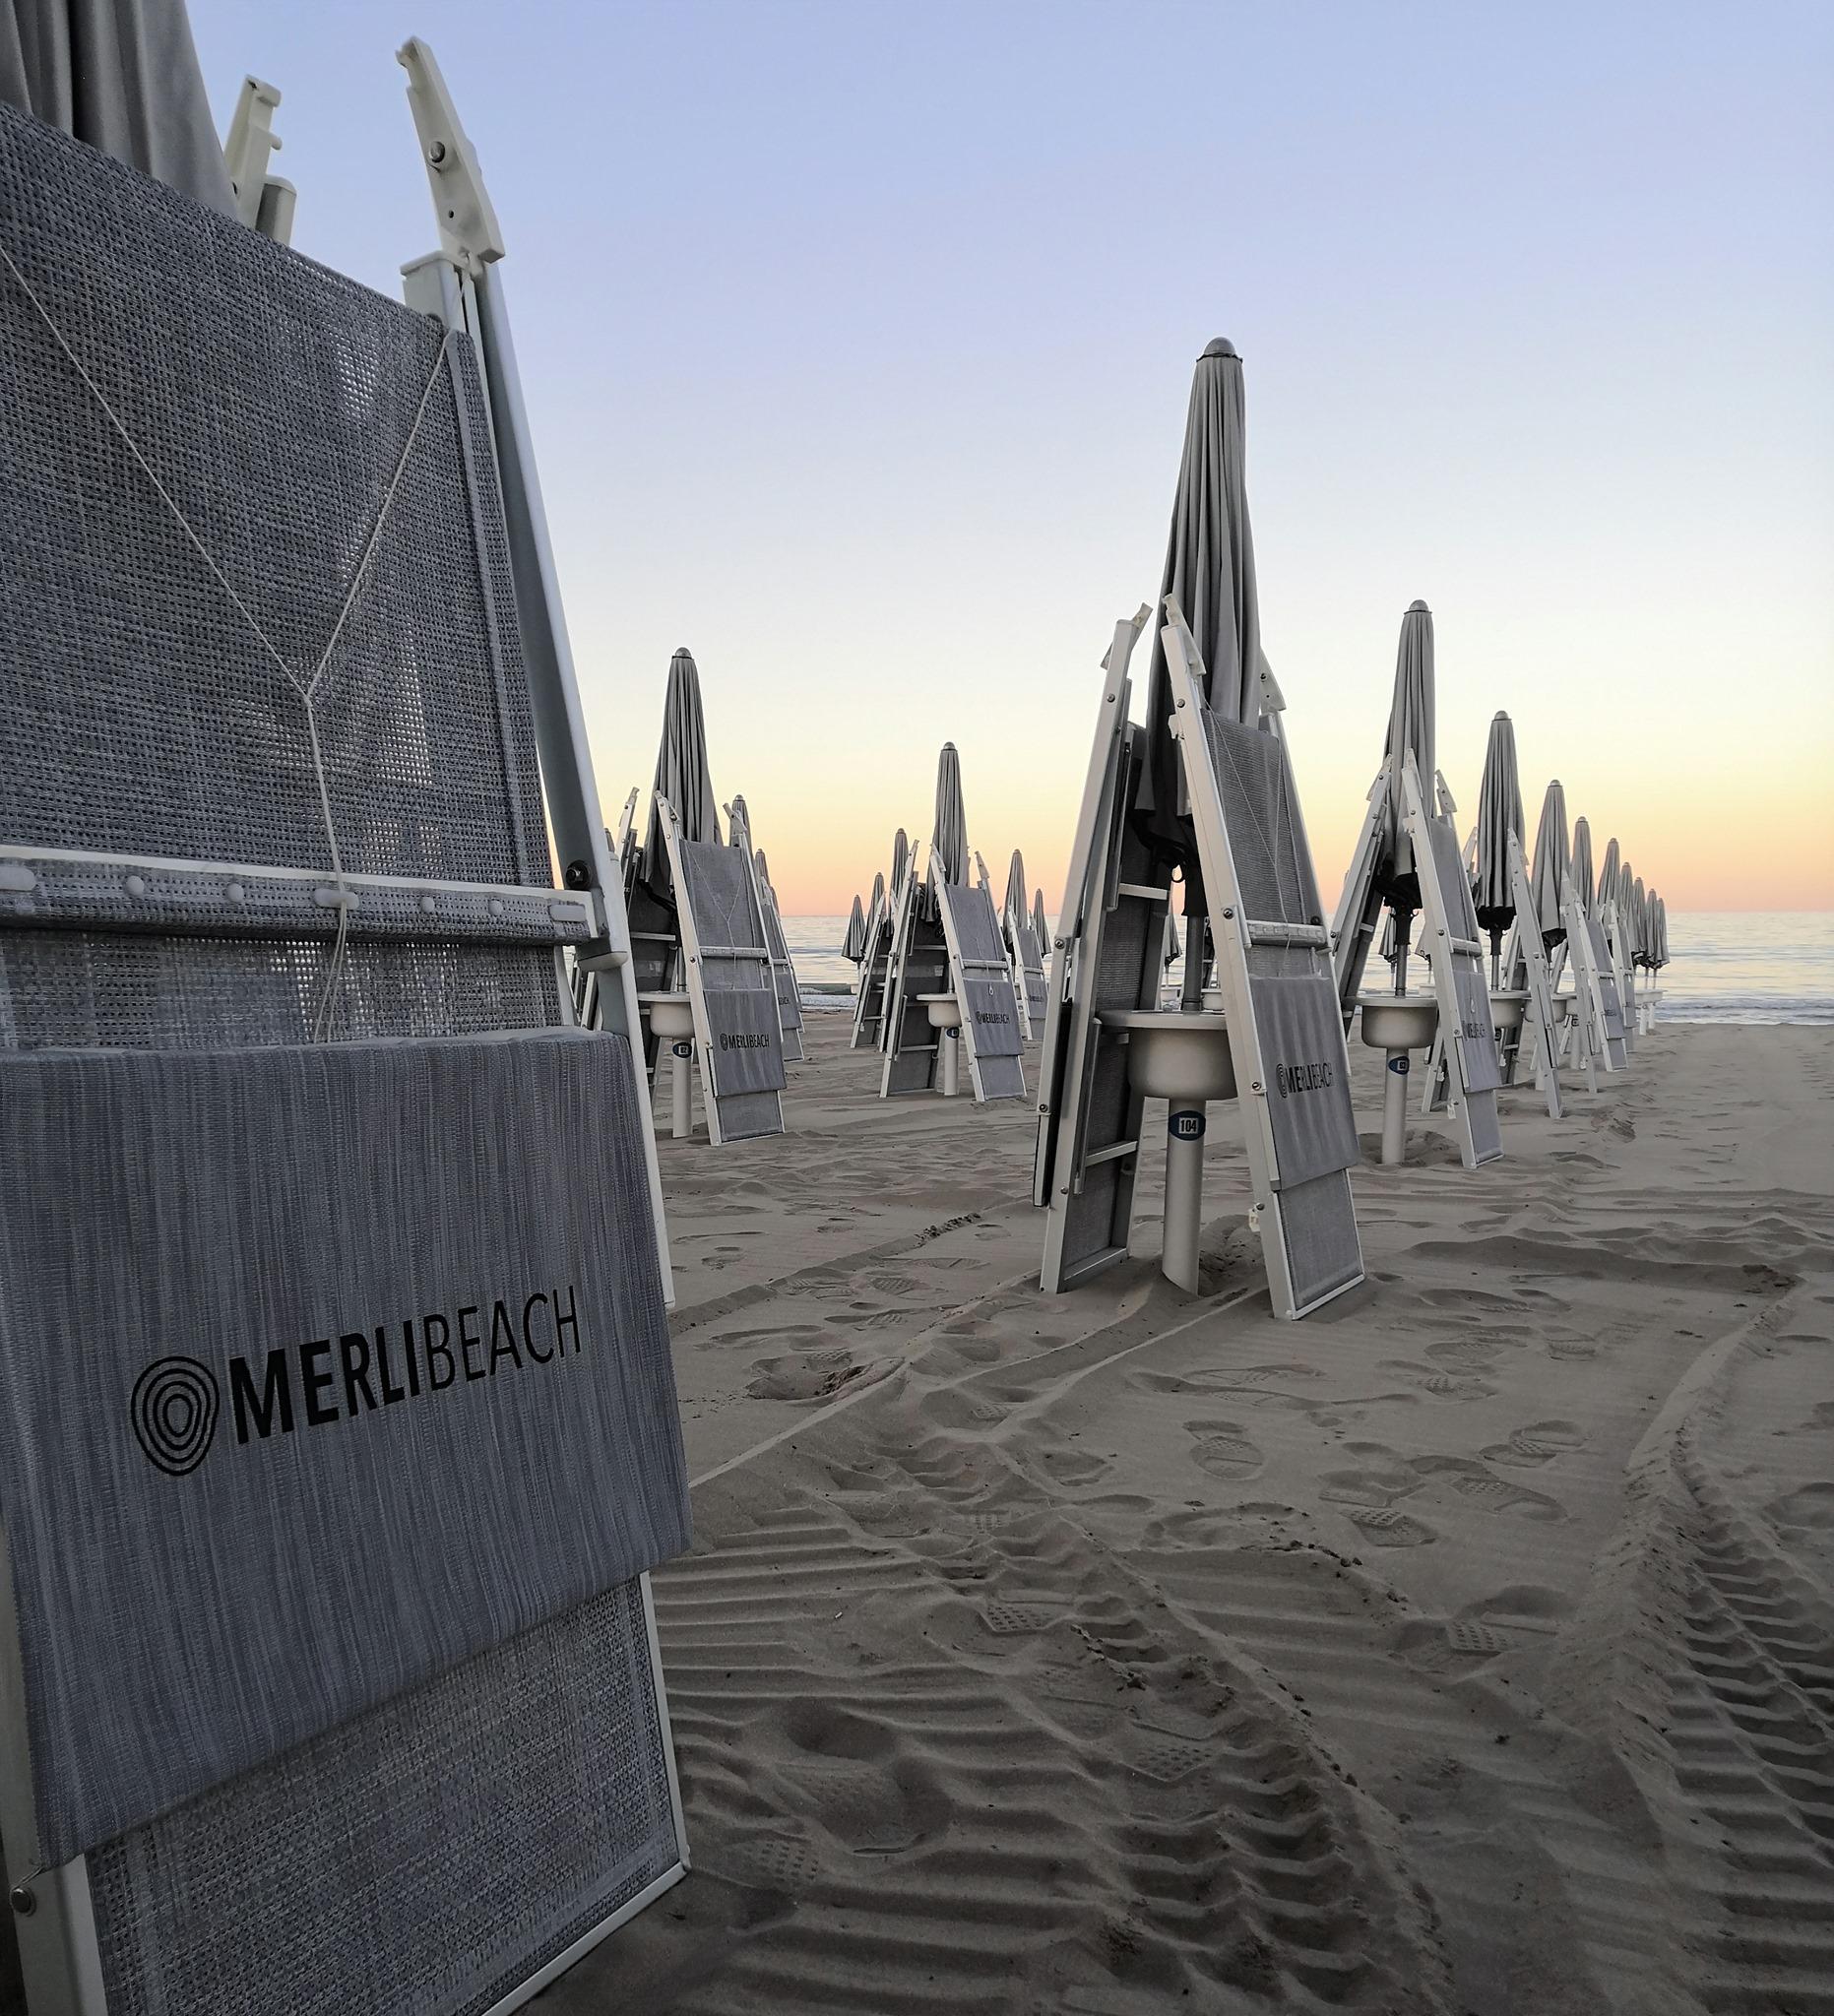 Merli Beach